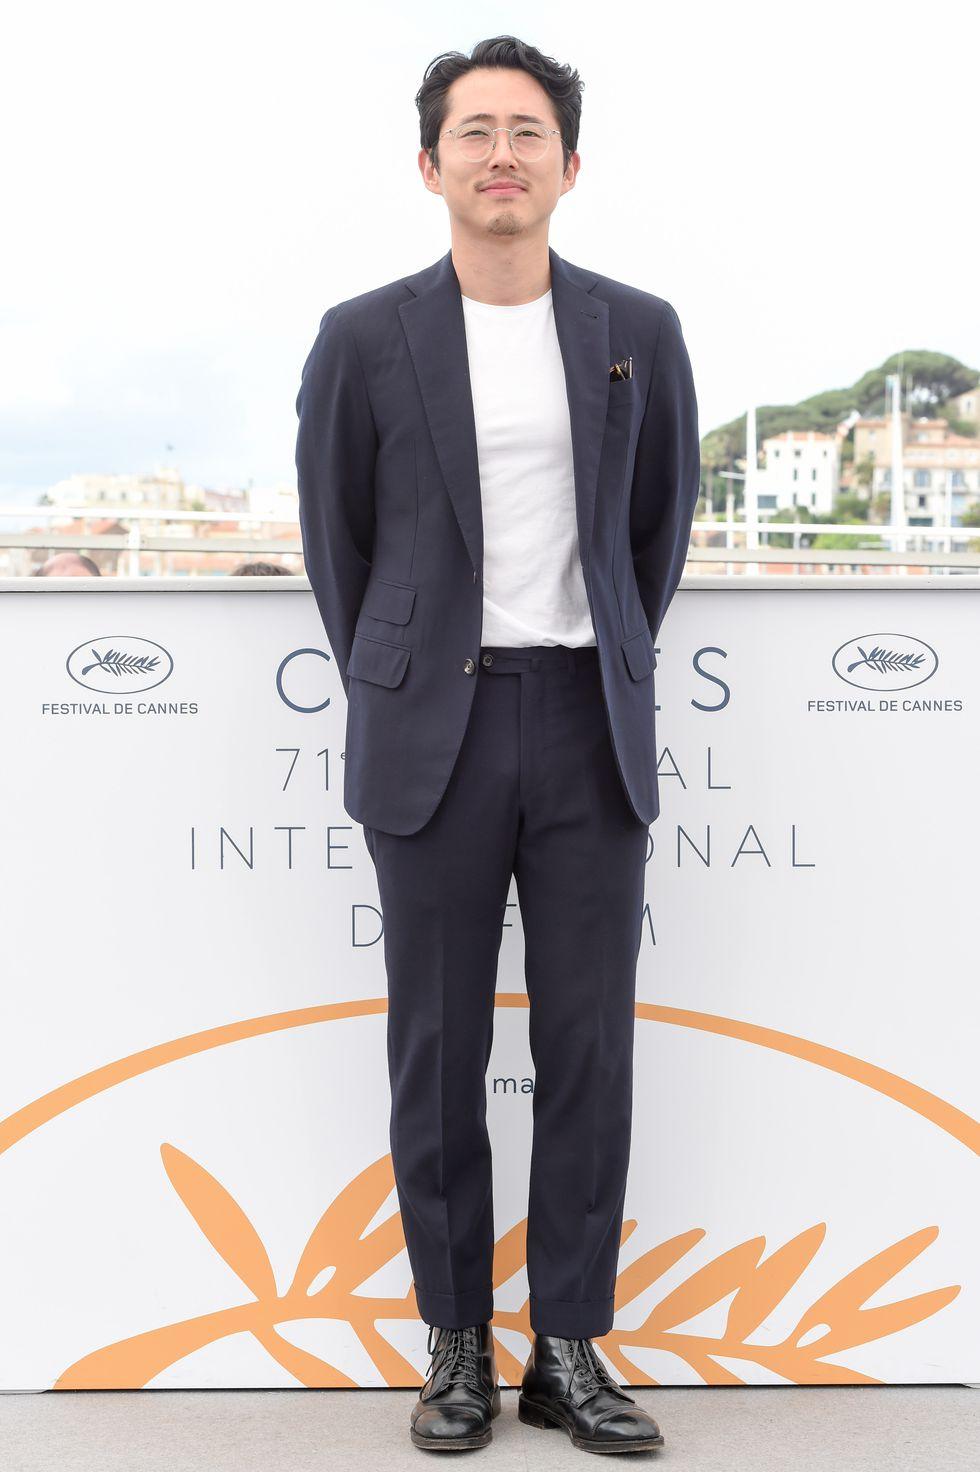 Aqui temos Steven Yeun mostrando que não precisa de muito para um figurino ser elegante. Novamente a camiseta básica se insere num traje social (muito bem cortado, diga-se de passagem) e equilibra o conjunto com simplicidade, conforto e claro, bom gosto. A mesma coisa vale para as botas e os óculos.